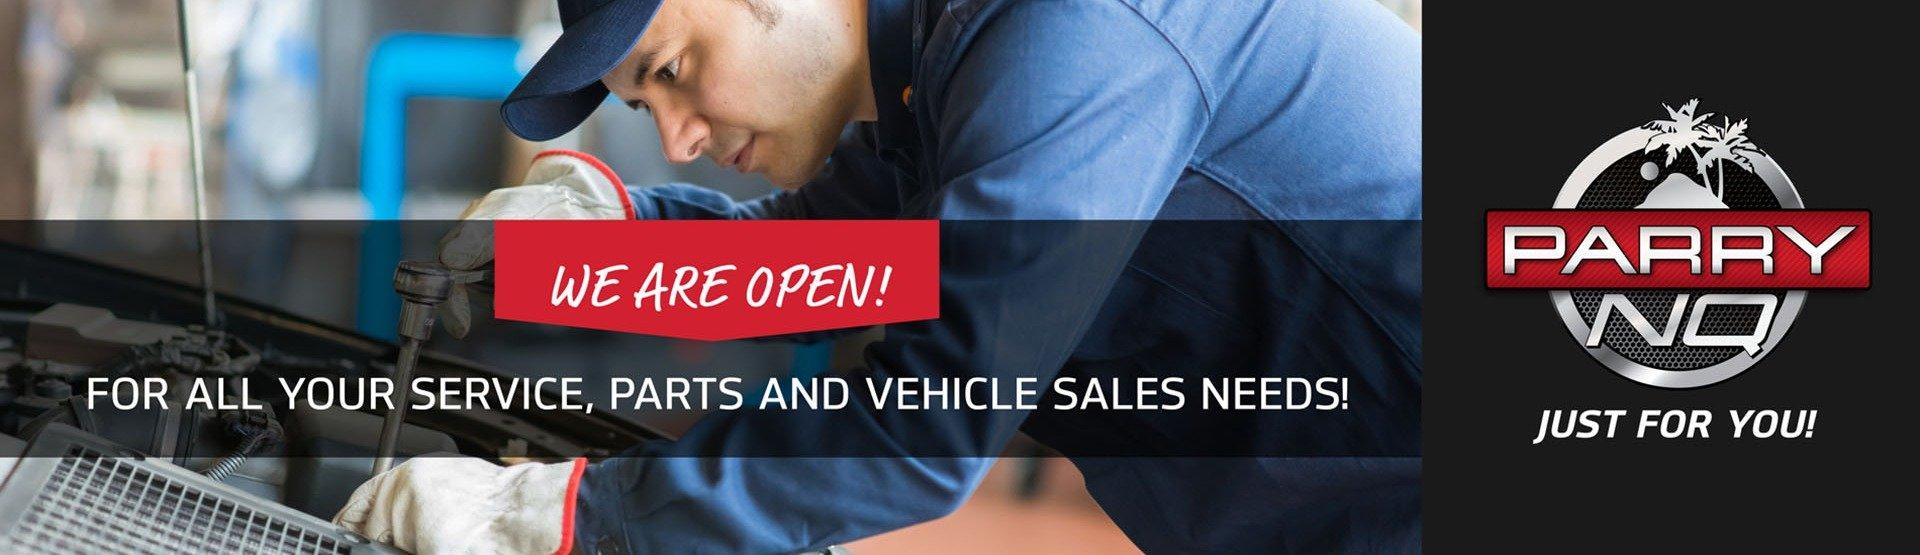 ParryNQ Nissan - We are Open